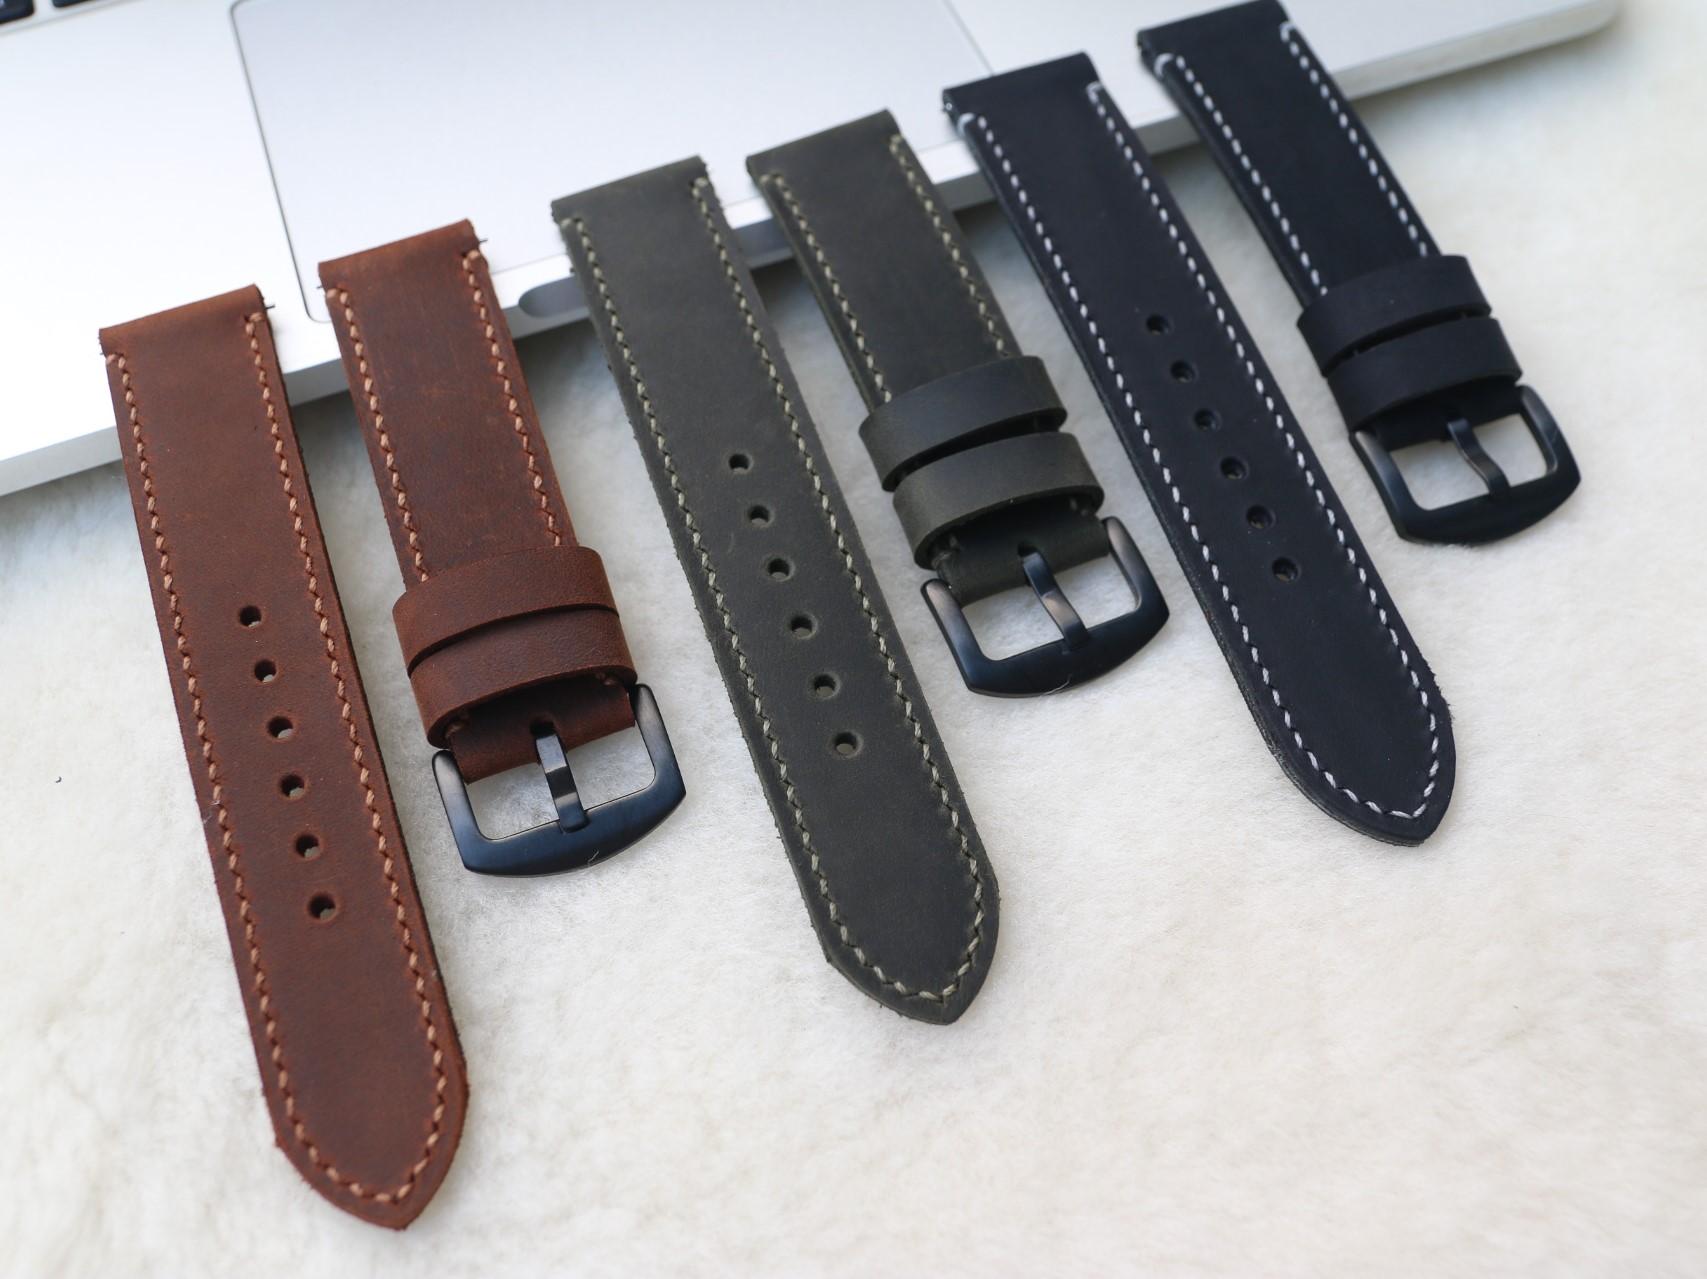 Dây Da Đồng Hồ Da Bò Sáp Vintage Handmade, Dây đeo bằng da cổ điển chốt thông minh thay thế dành cho SmartWatch, Lựa chọn màu sắc và chiều rộng 18mm/ 20mm / 22mm